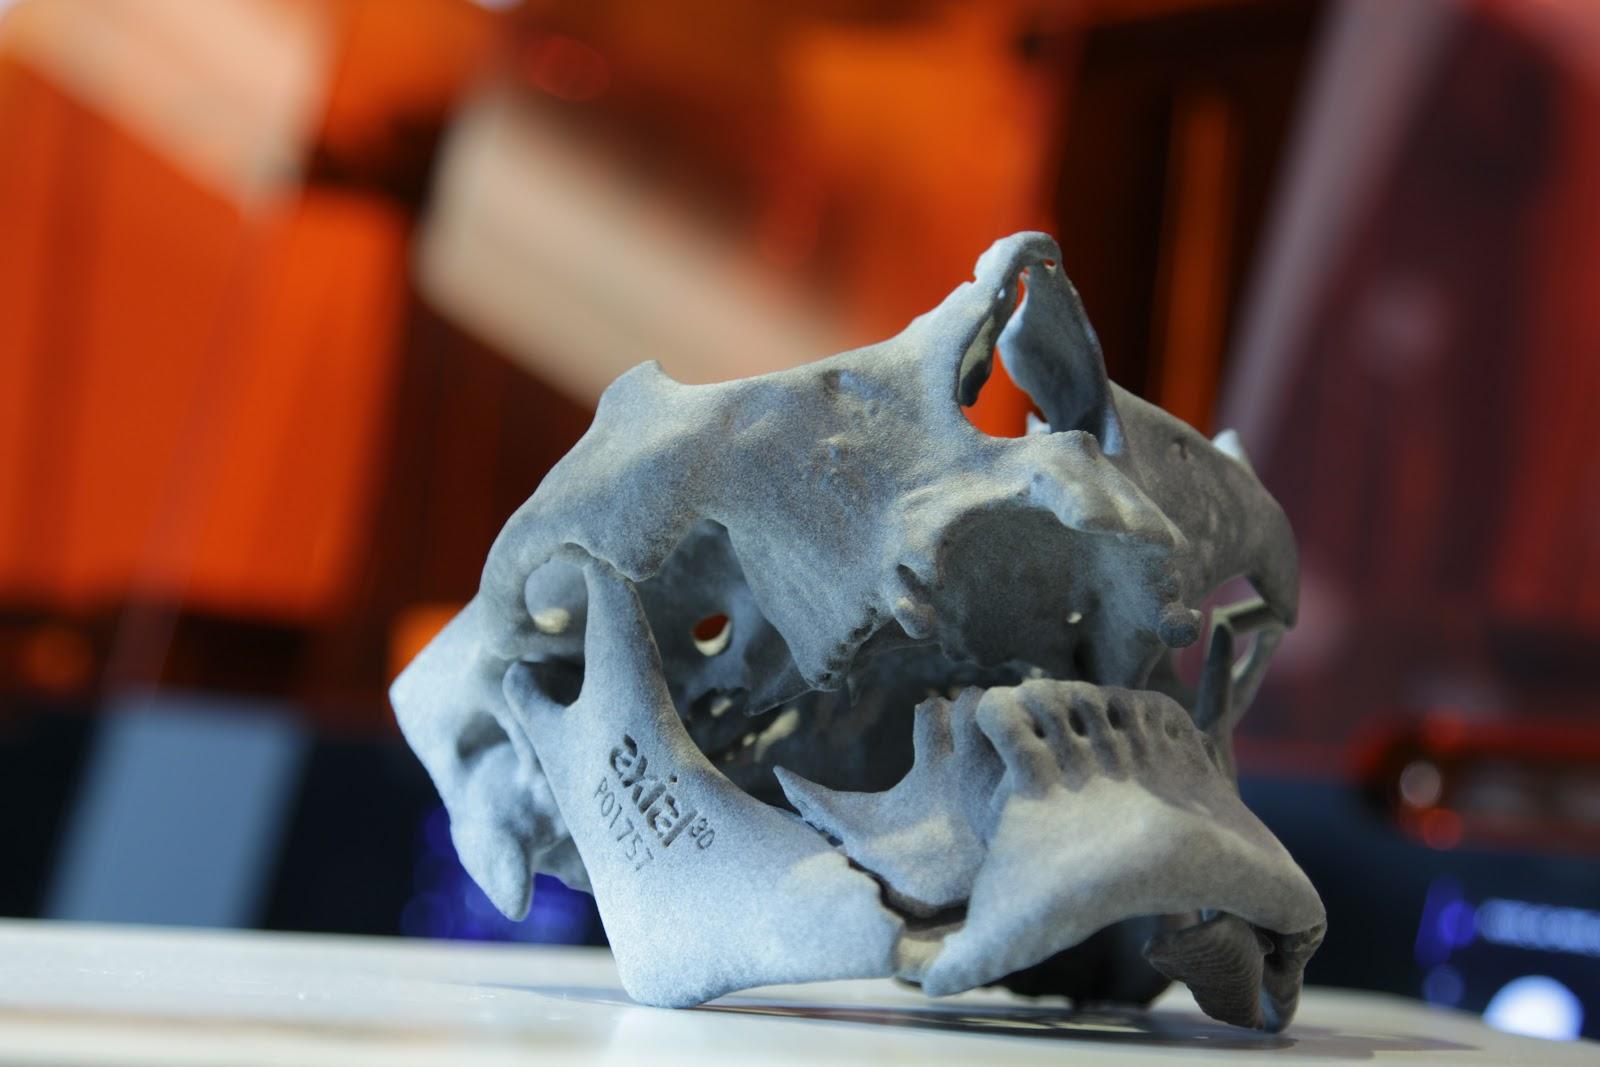 Axial3D 3D printed model. Photo via Axial3D.